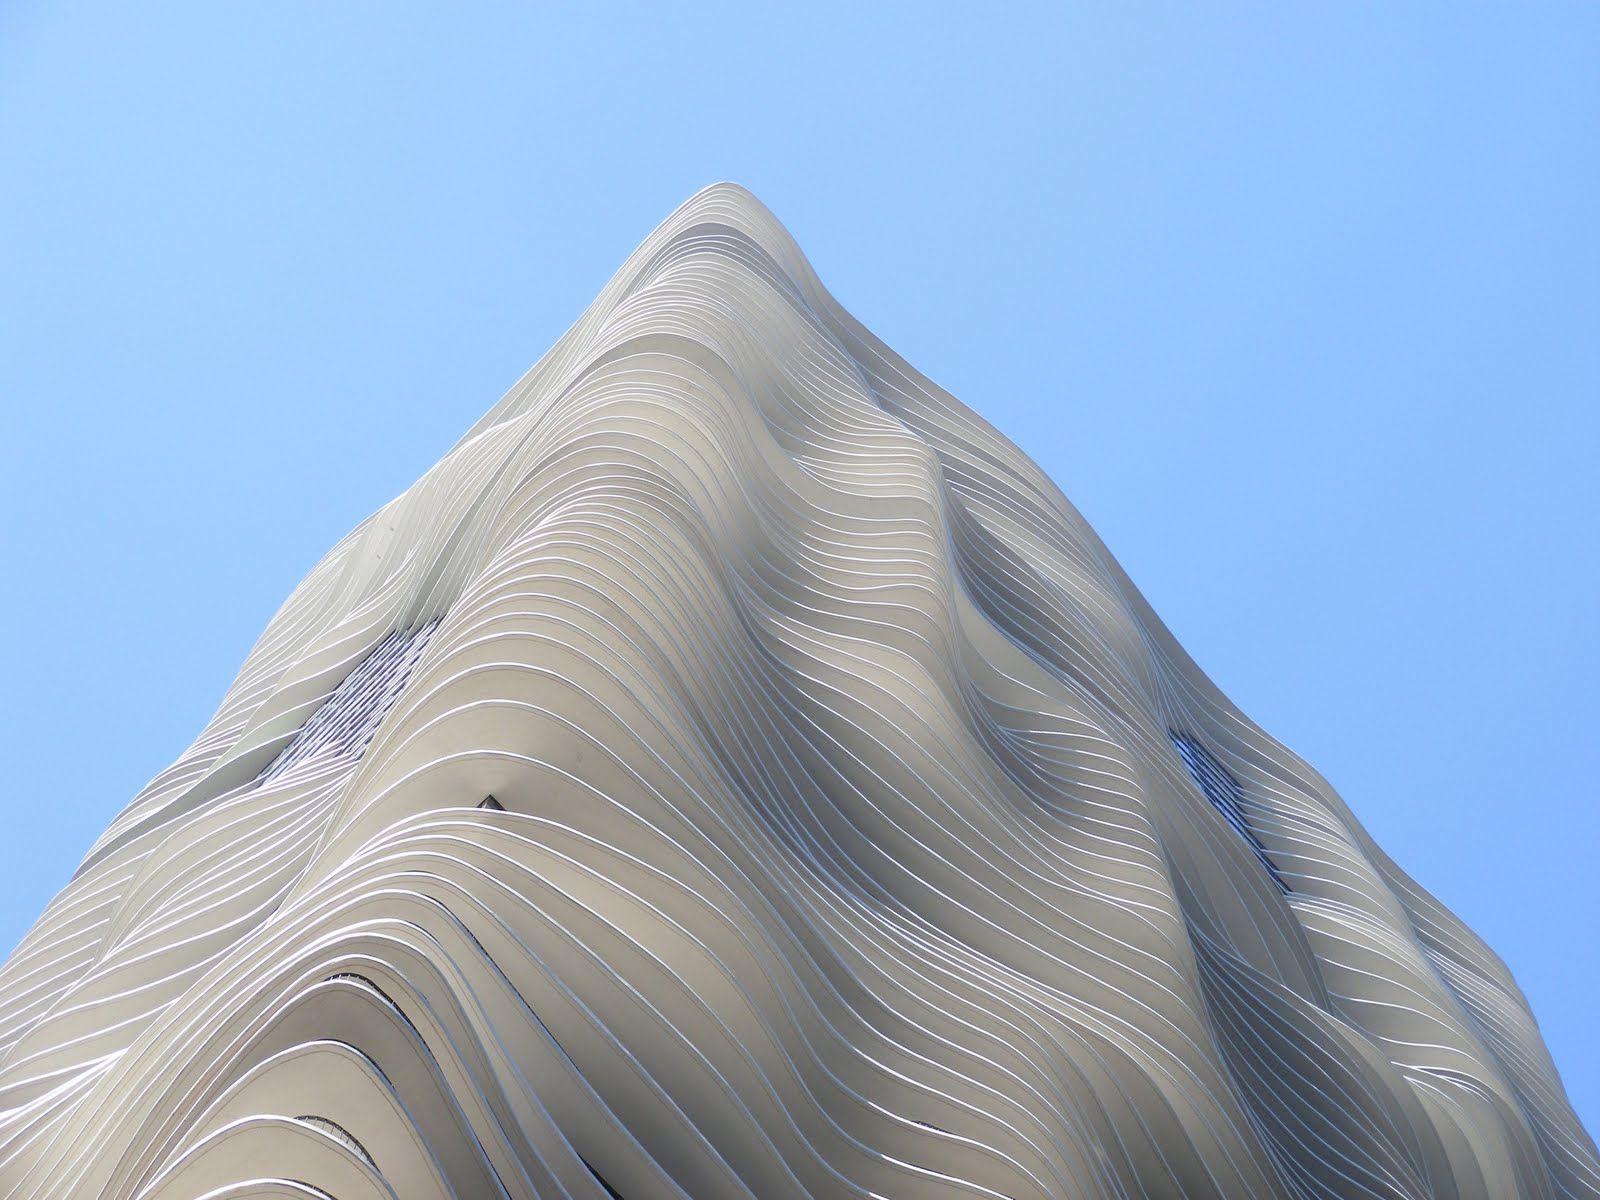 aqua tower: new architectural icon in chicago's skyline | aqua